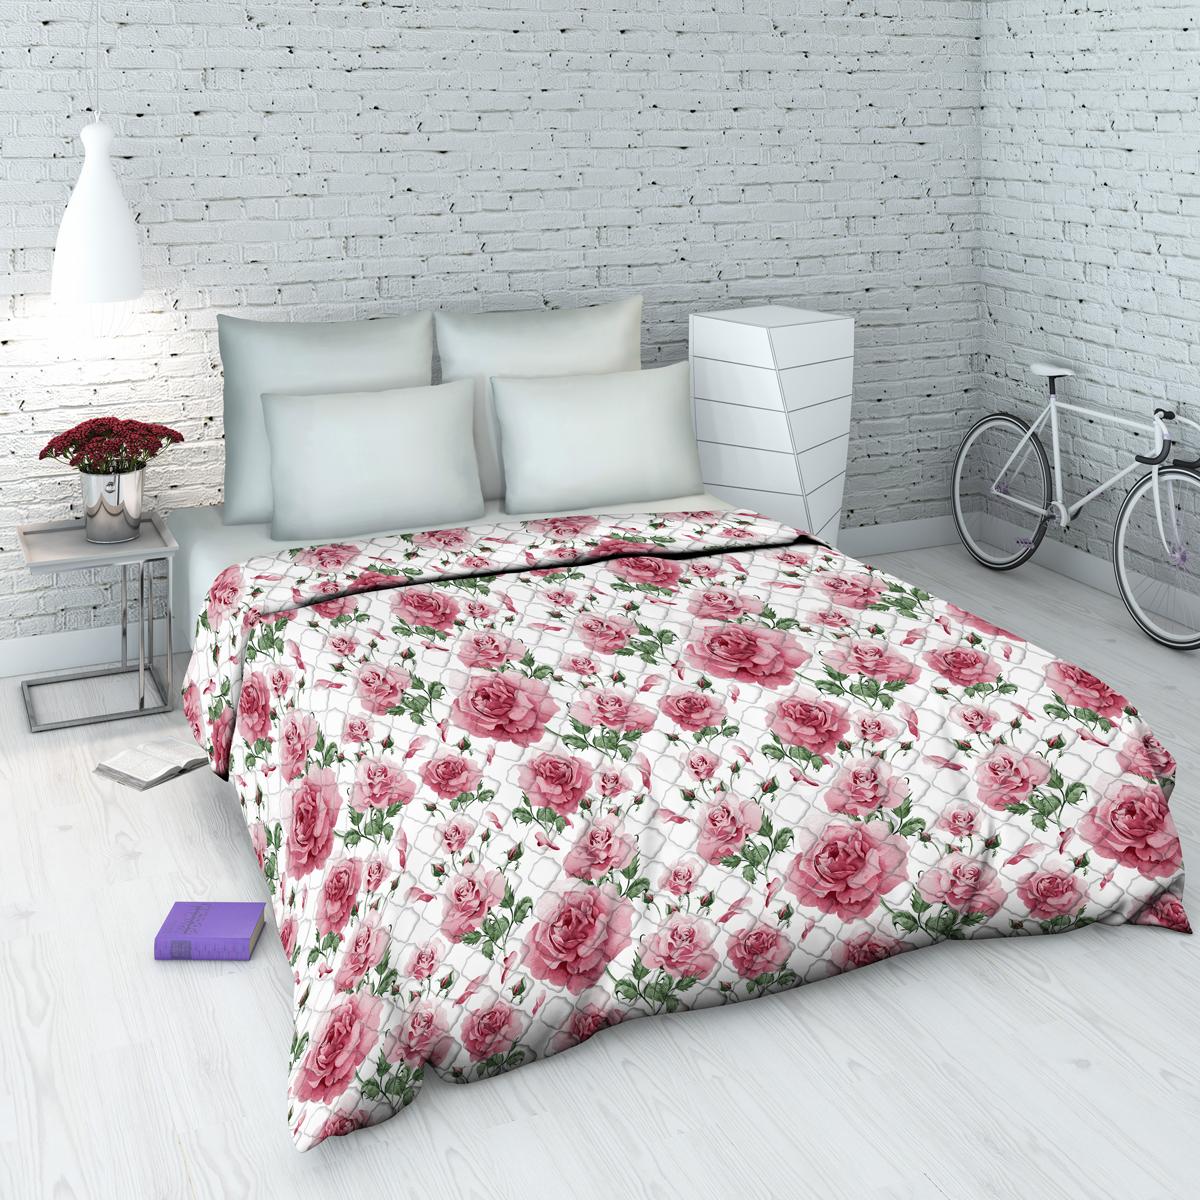 Покрывало Василиса На даче, 145 х 205 см, цвет: розовый98299571Декоративное стеганое покрывало из хлопка - привычный аксессуар для многих спален. Приятное на ощупь и красивое на вид. Может использоваться как покрывало в интерьере гостиных, детских, спален (особенно в загородных домах), так и в качестве облегченного одеяла в летний сезон. Чехол - бязь, 100% хлопок, наполнитель - силиконизированное волокно.